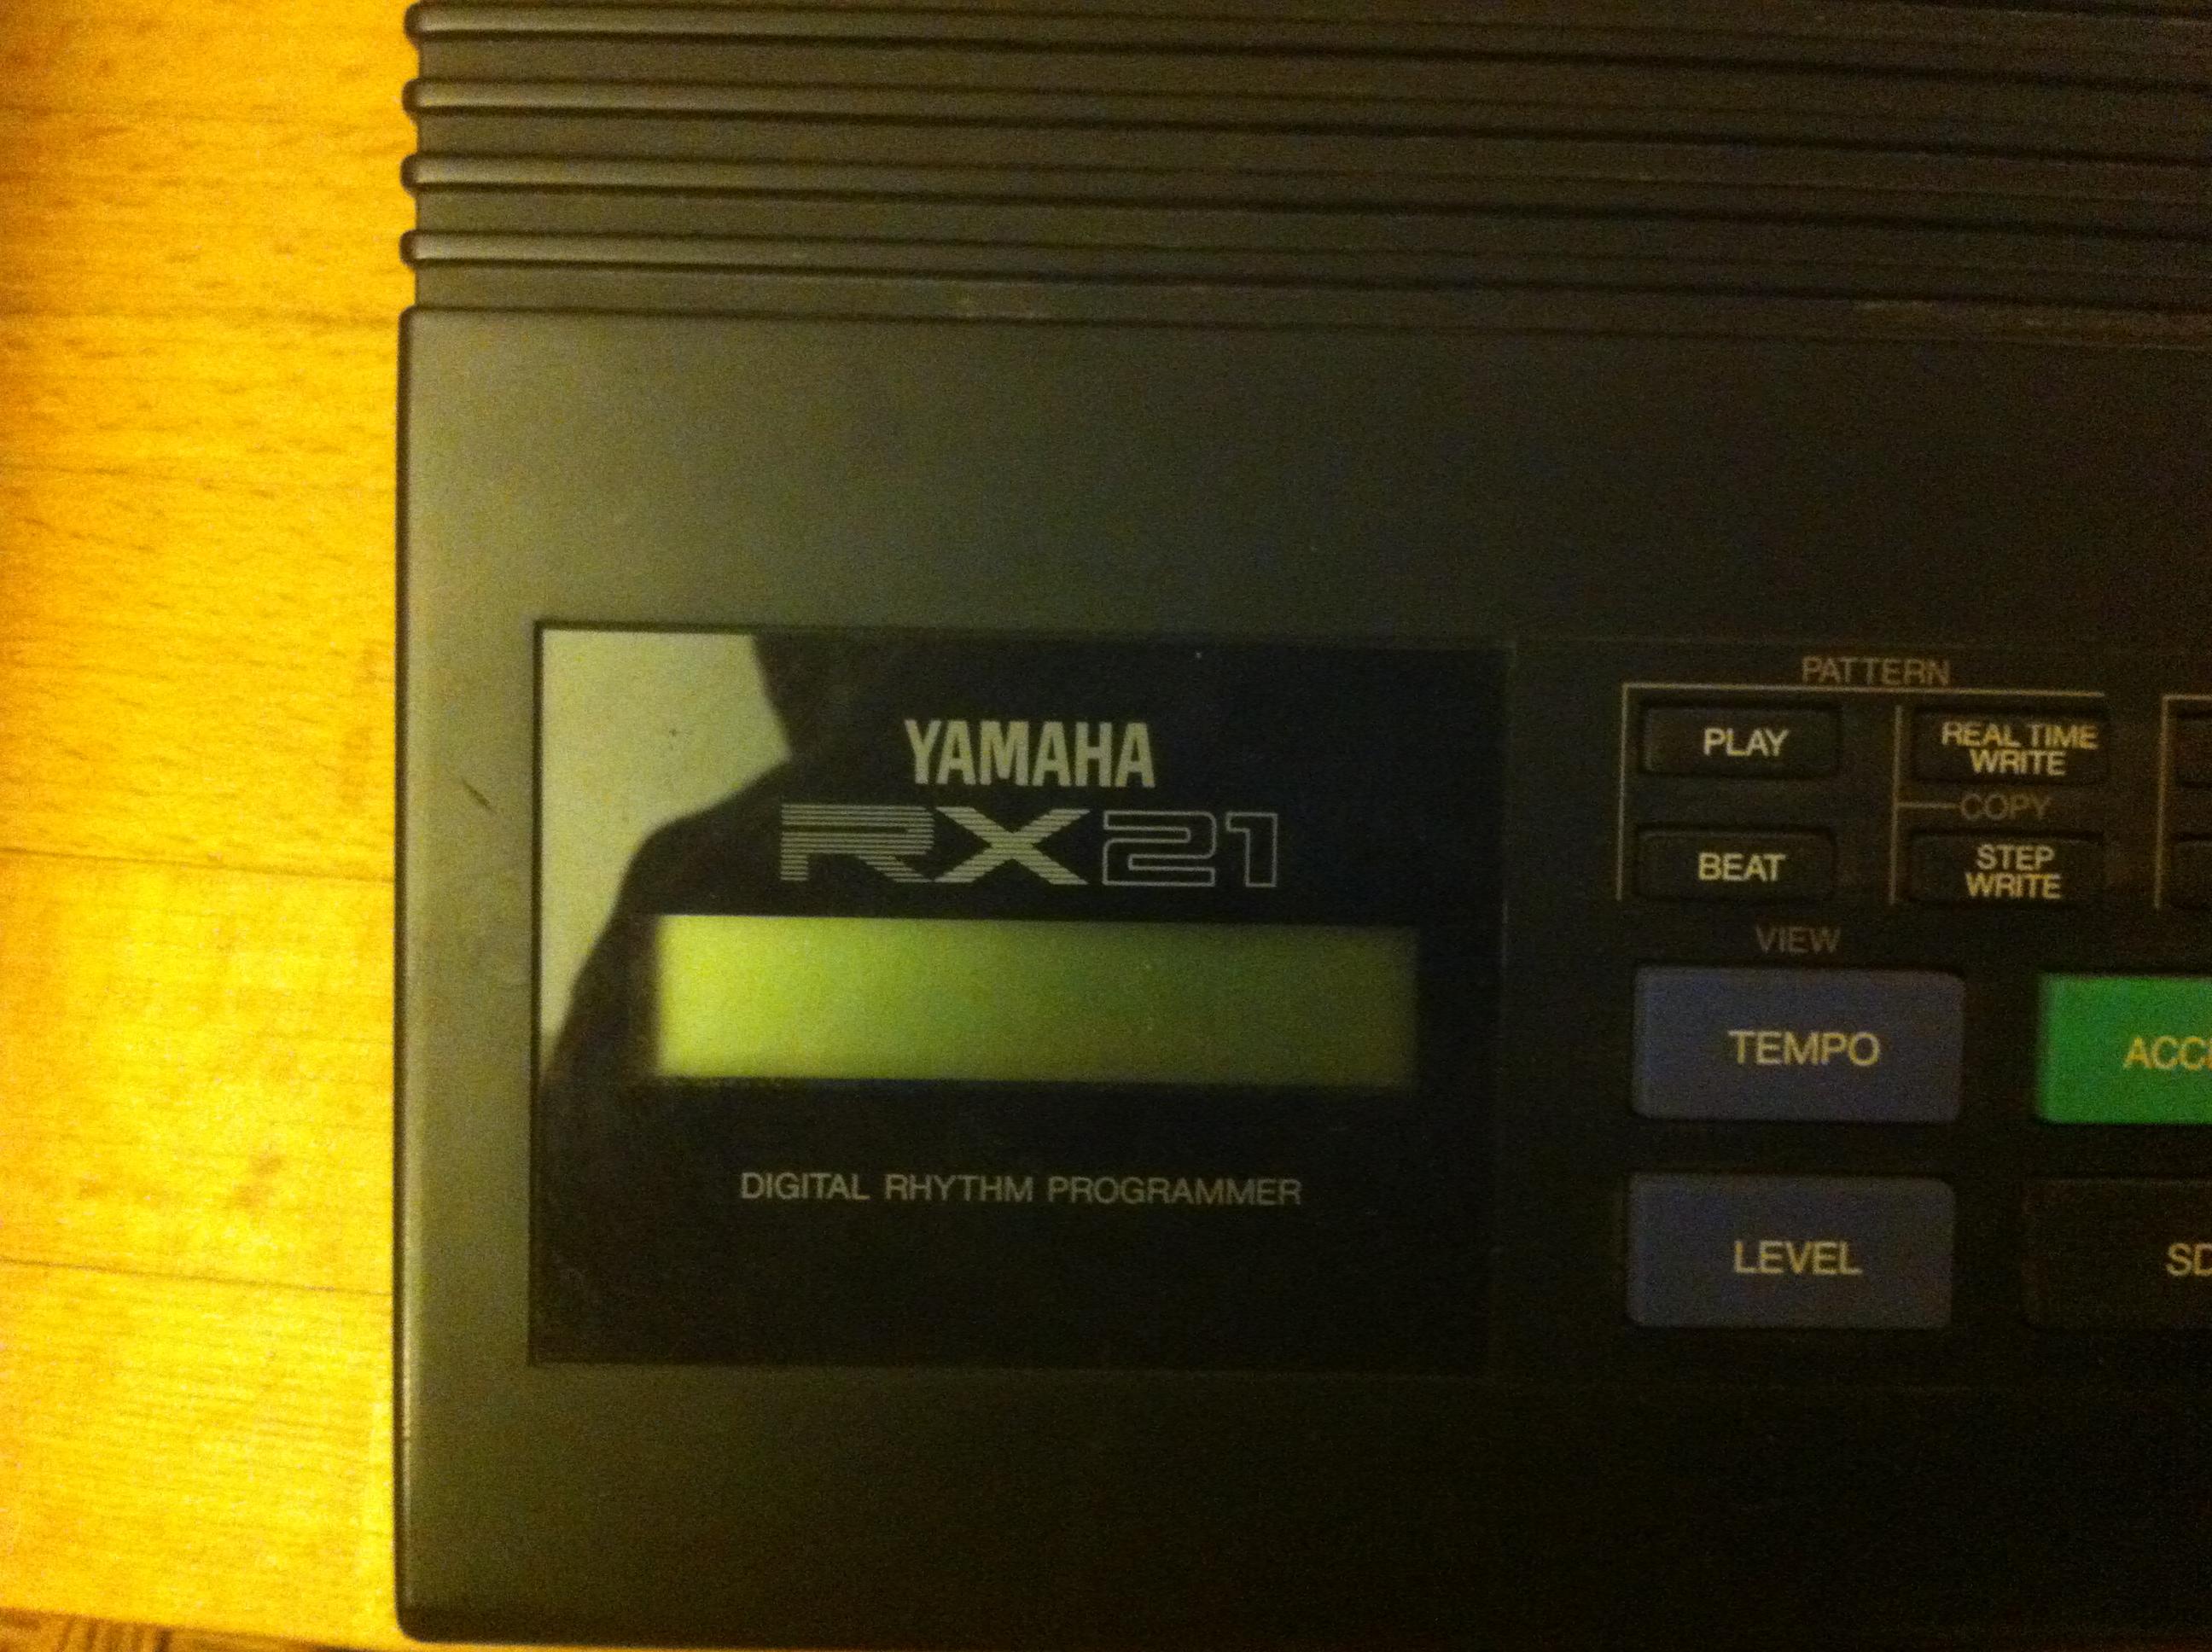 You Tube Yamaha Rx Midi